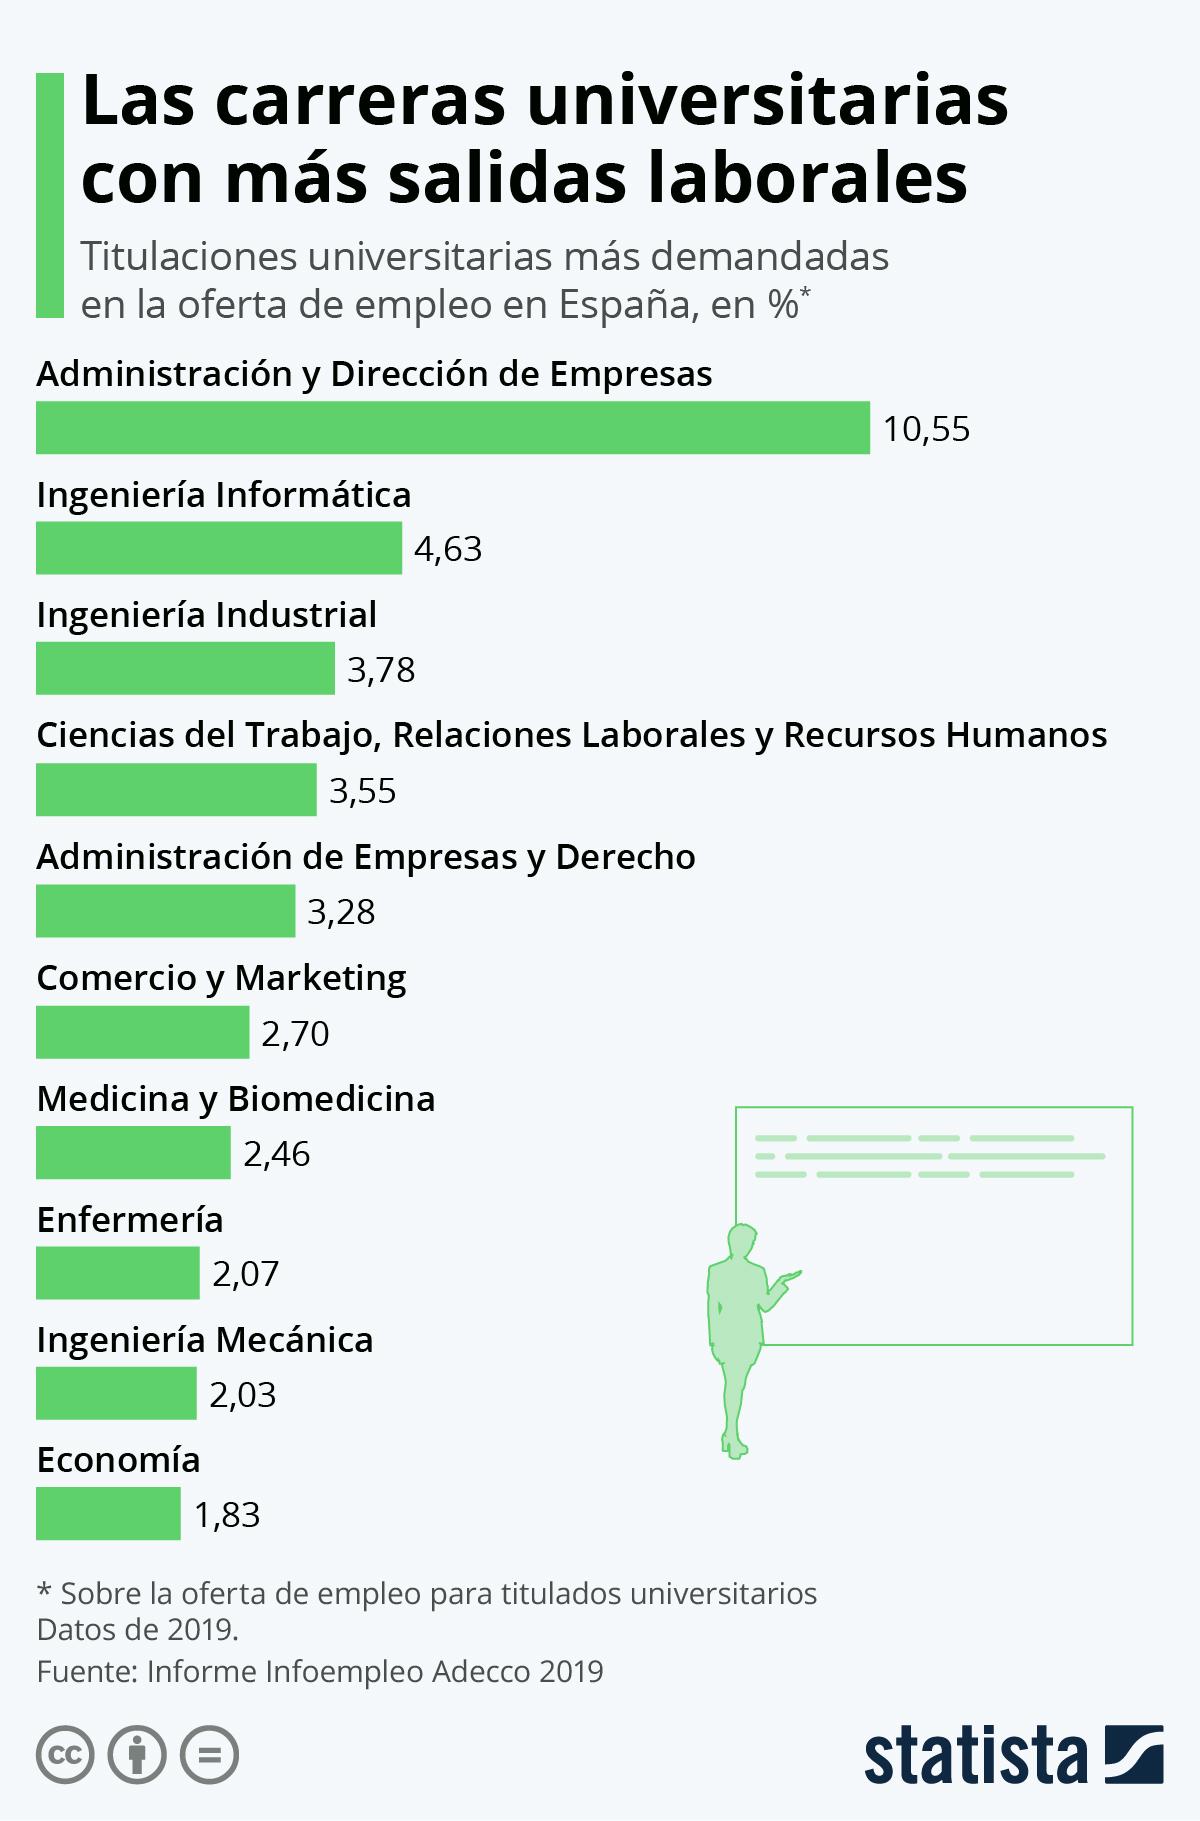 Infografía: Administración y Dirección de Empresas, la carrera con más demanda en el mercado | Statista